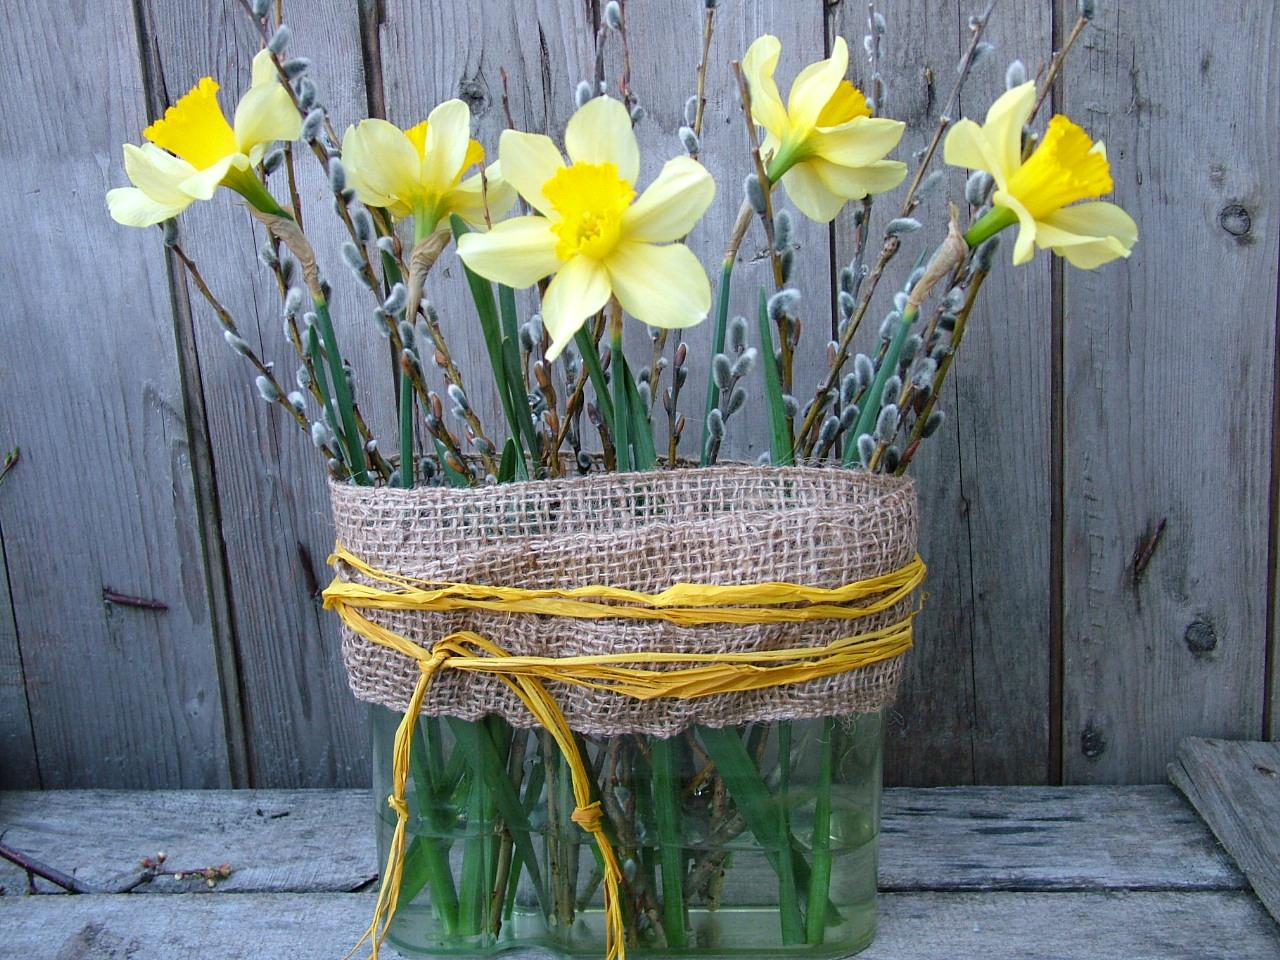 Húsvéti dísz készítése nárcisszal